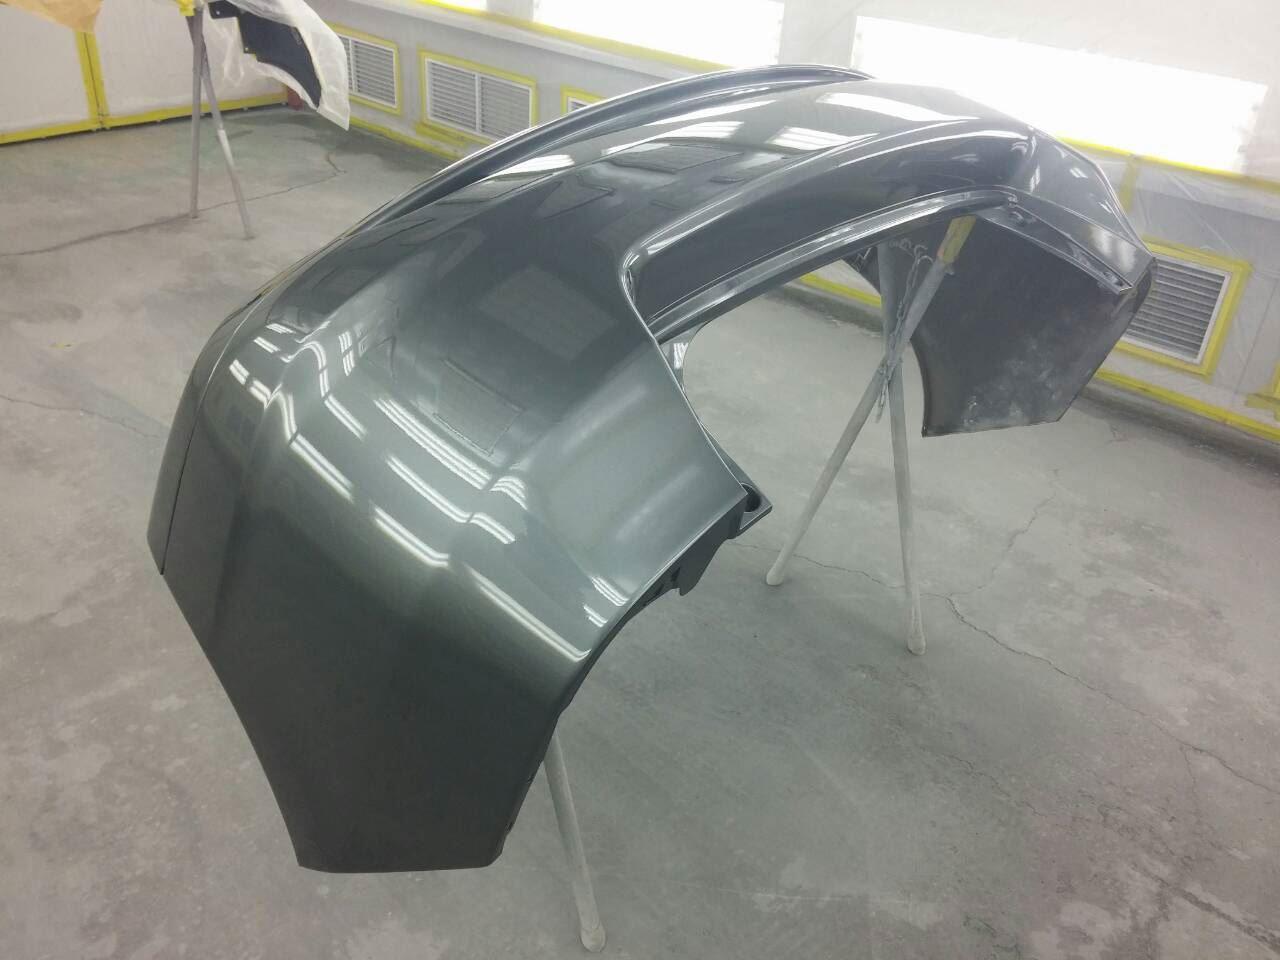 東京都立川市の車の板金塗装修理工場 ガレージローライドのホンダ インサイトの左前部 右リヤ部のキズ へこみ の板金 修理 塗装 です。